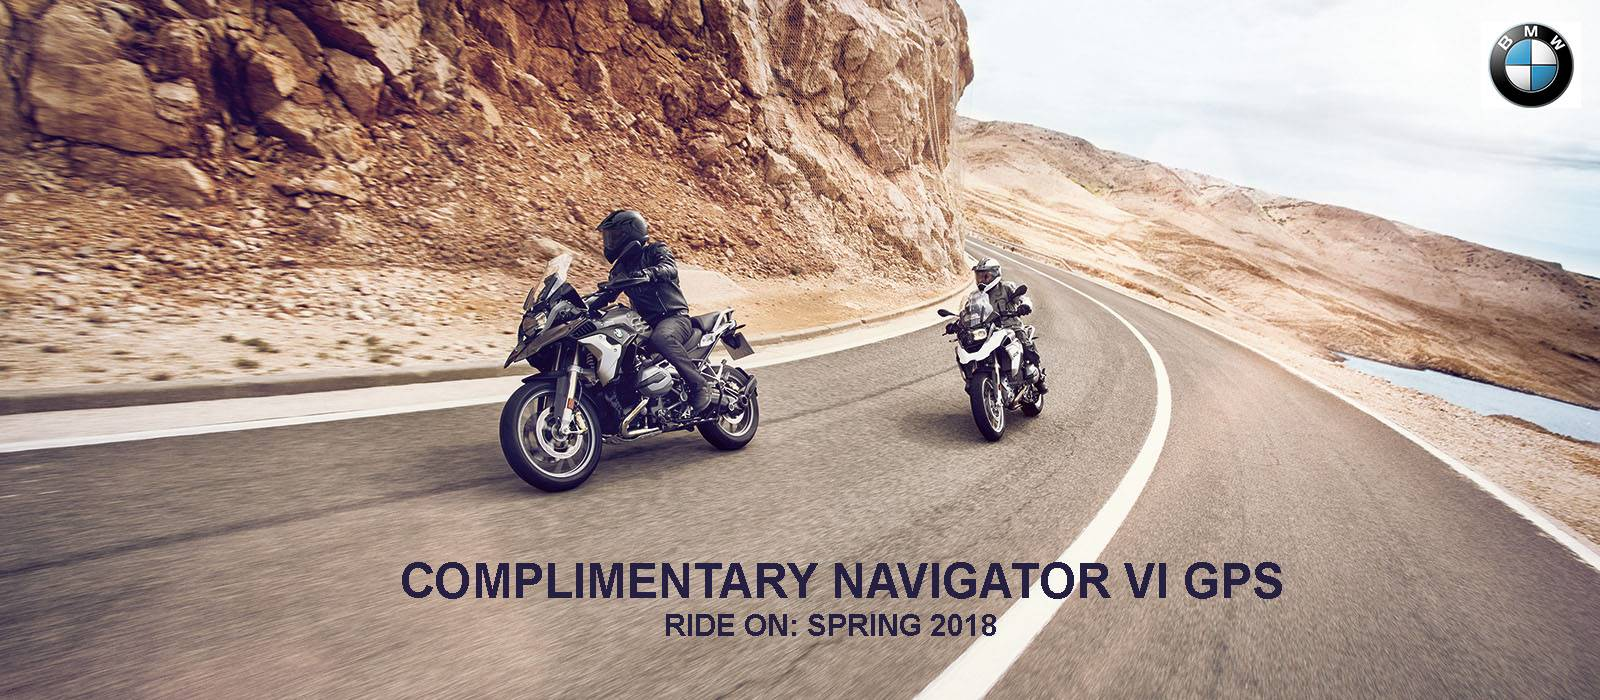 BMW - COMPLIMENTARY NAVIGATOR VI GPS